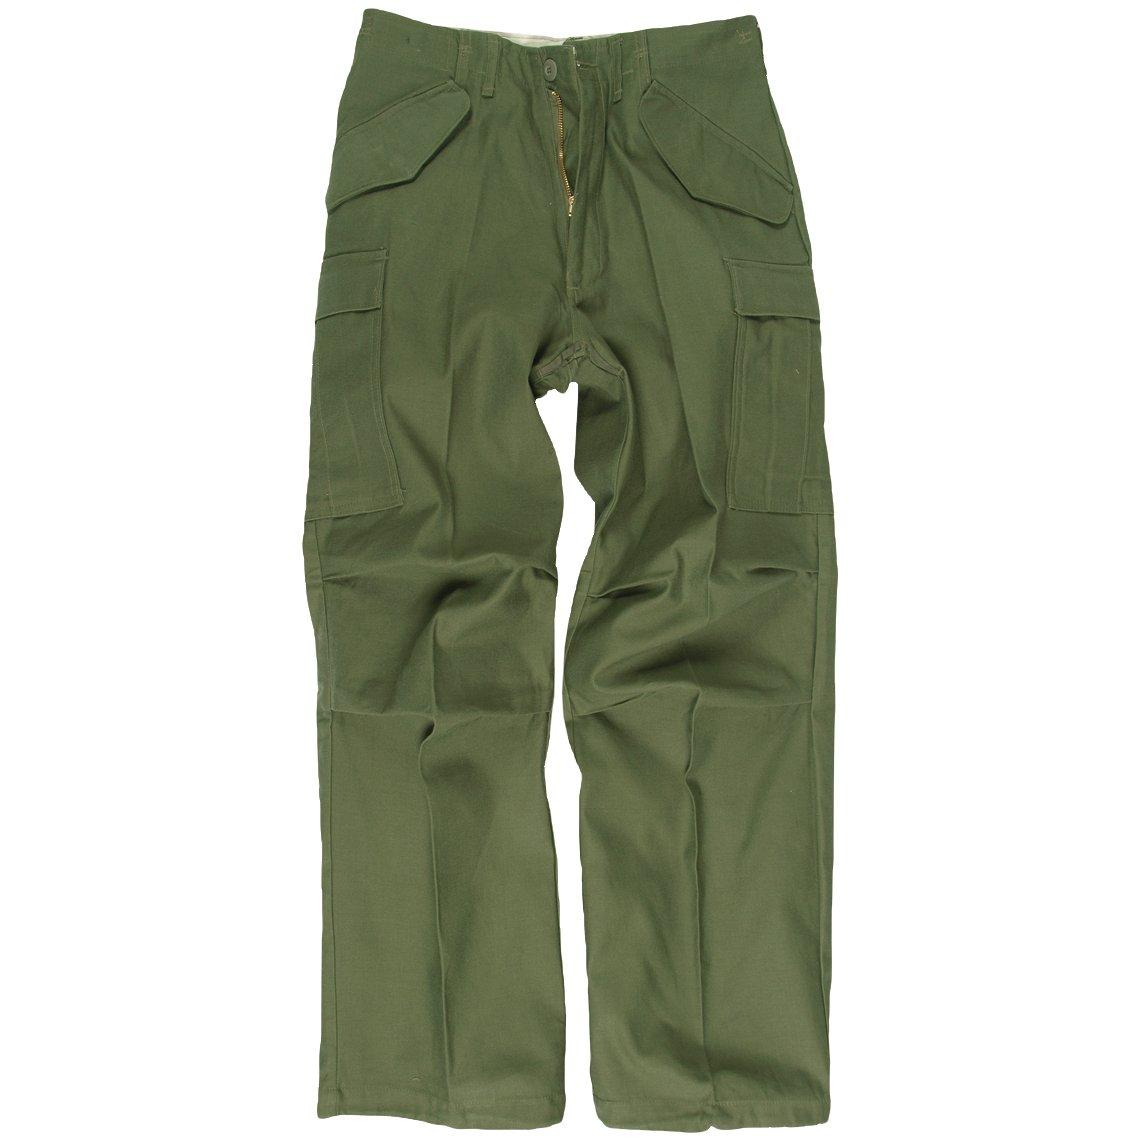 Mil-Tec M65 Pantaloni Oliva